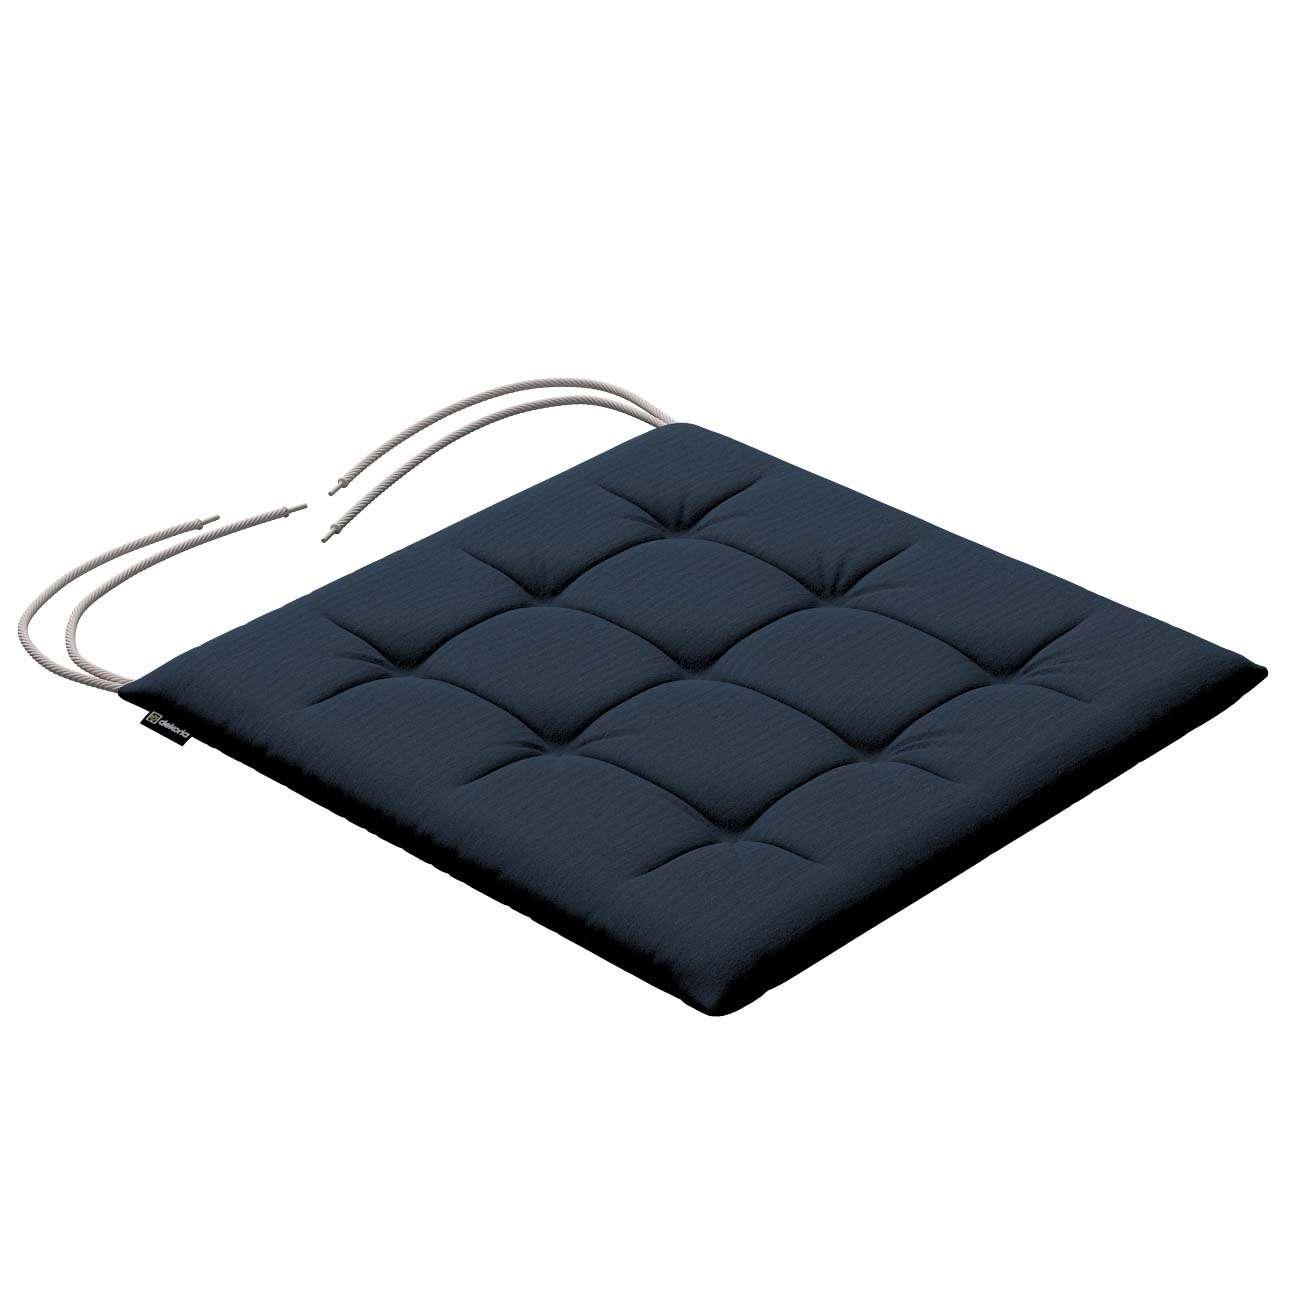 Siedzisko Karol na krzesło 40x40x3,5cm w kolekcji Quadro, tkanina: 136-04